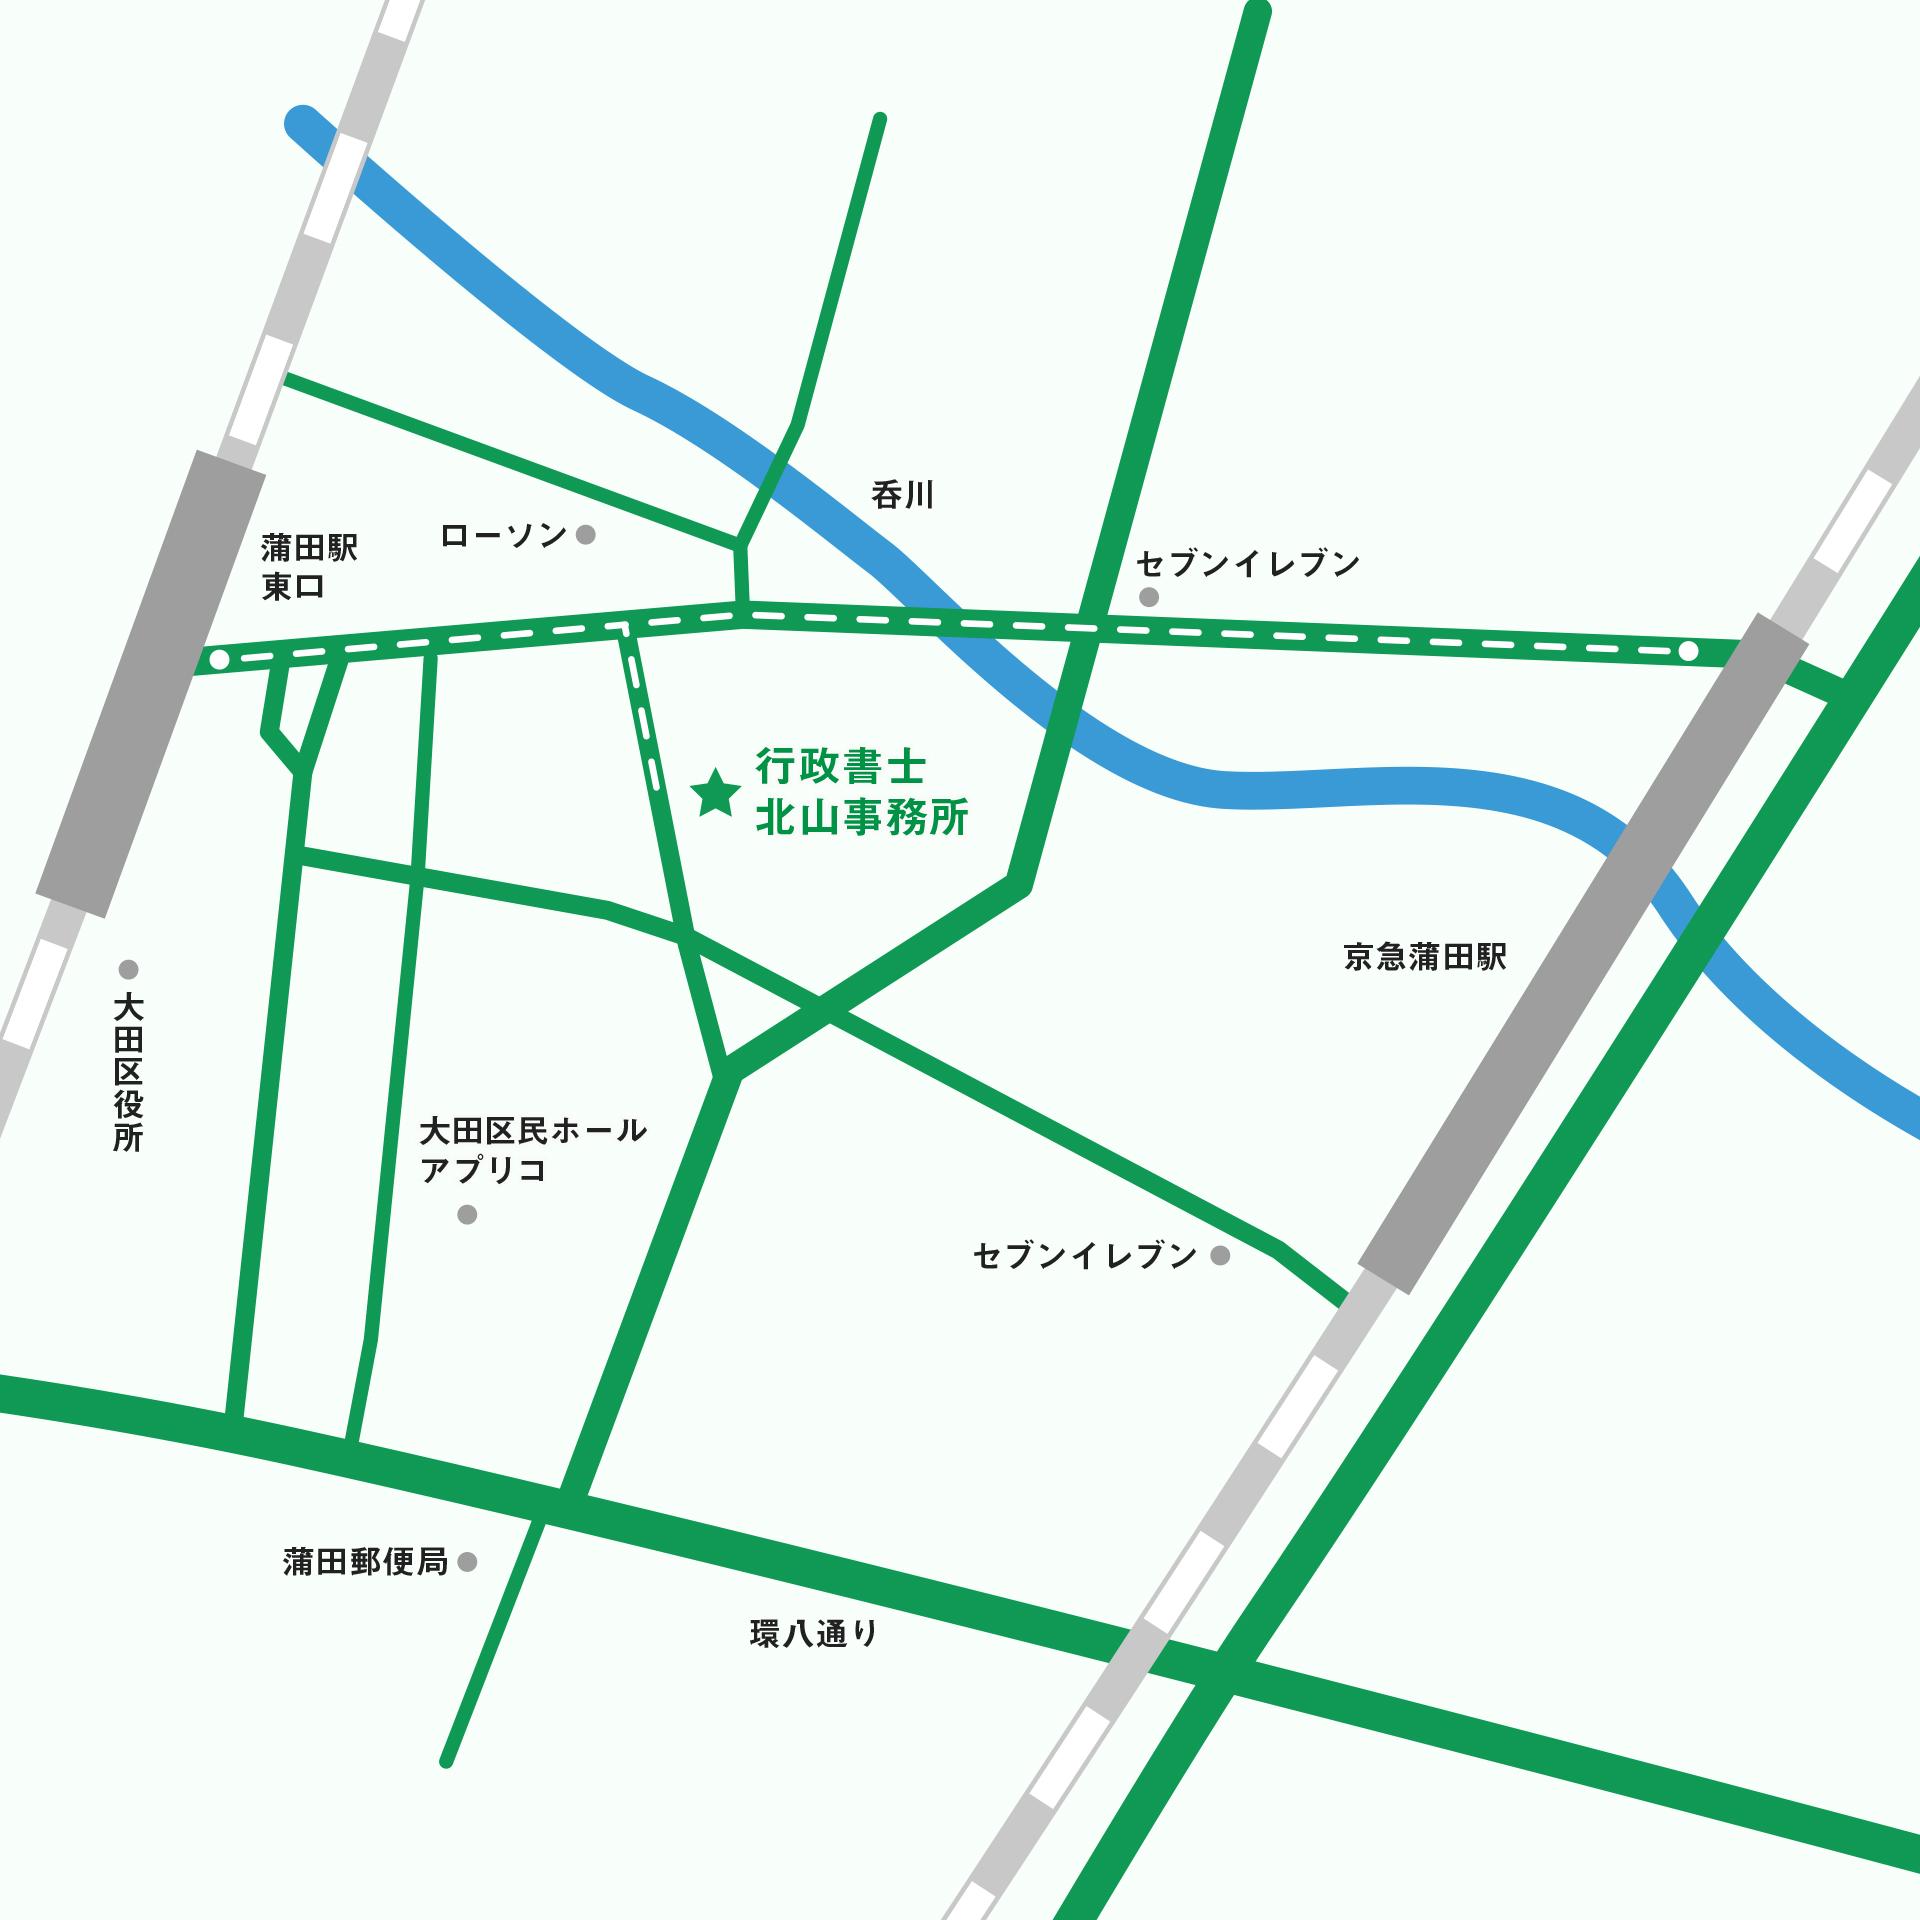 北山事務所アクセスマップ